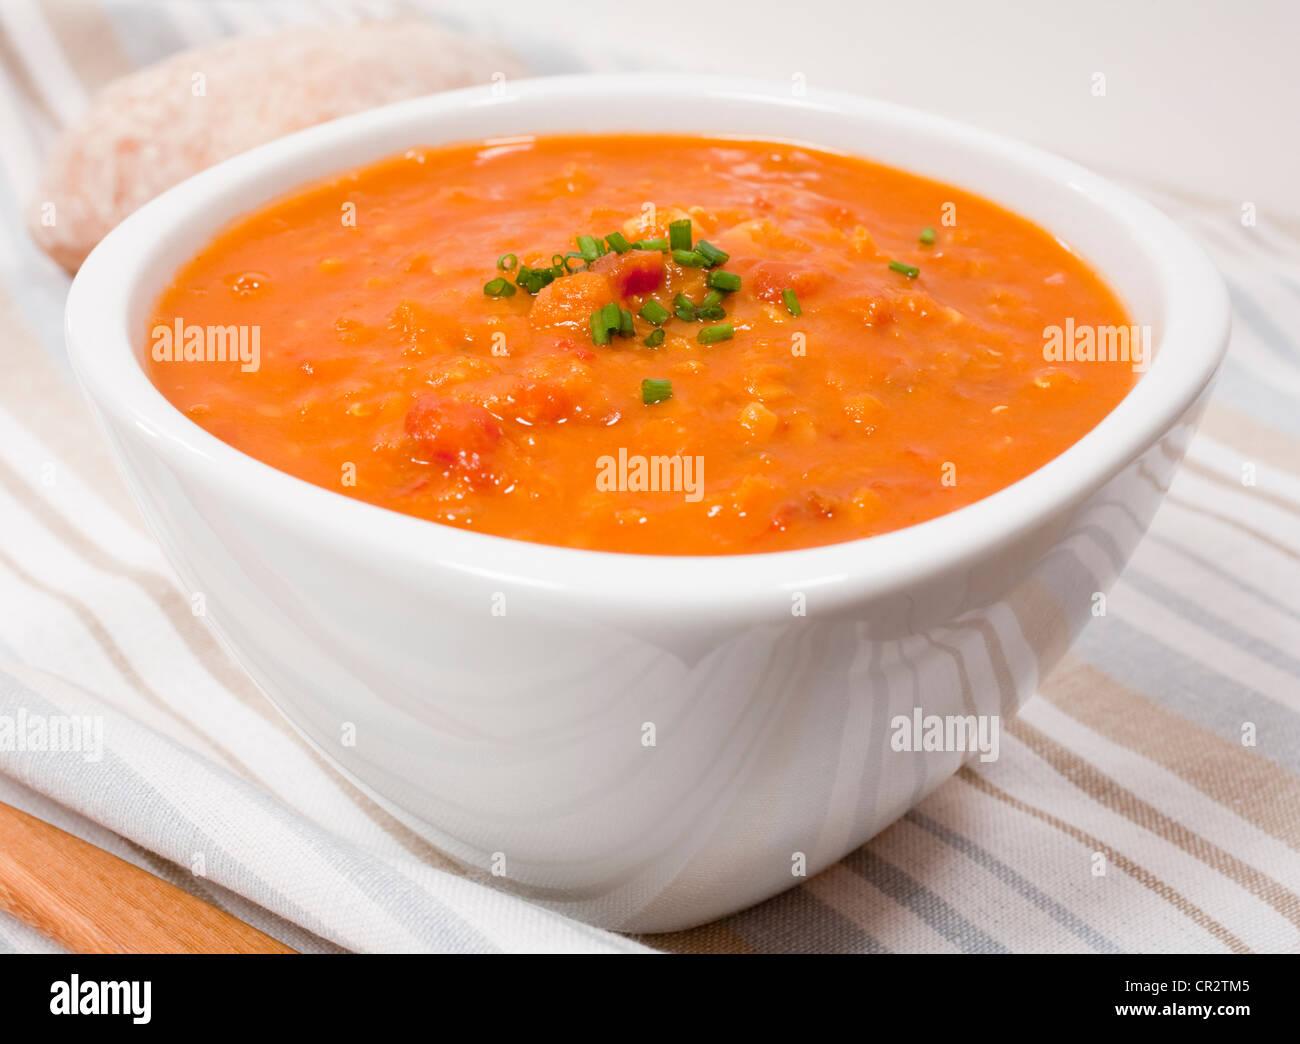 Un bol de soupe aux tomates et lentilles garnie avec de la ciboulette. Photo Stock